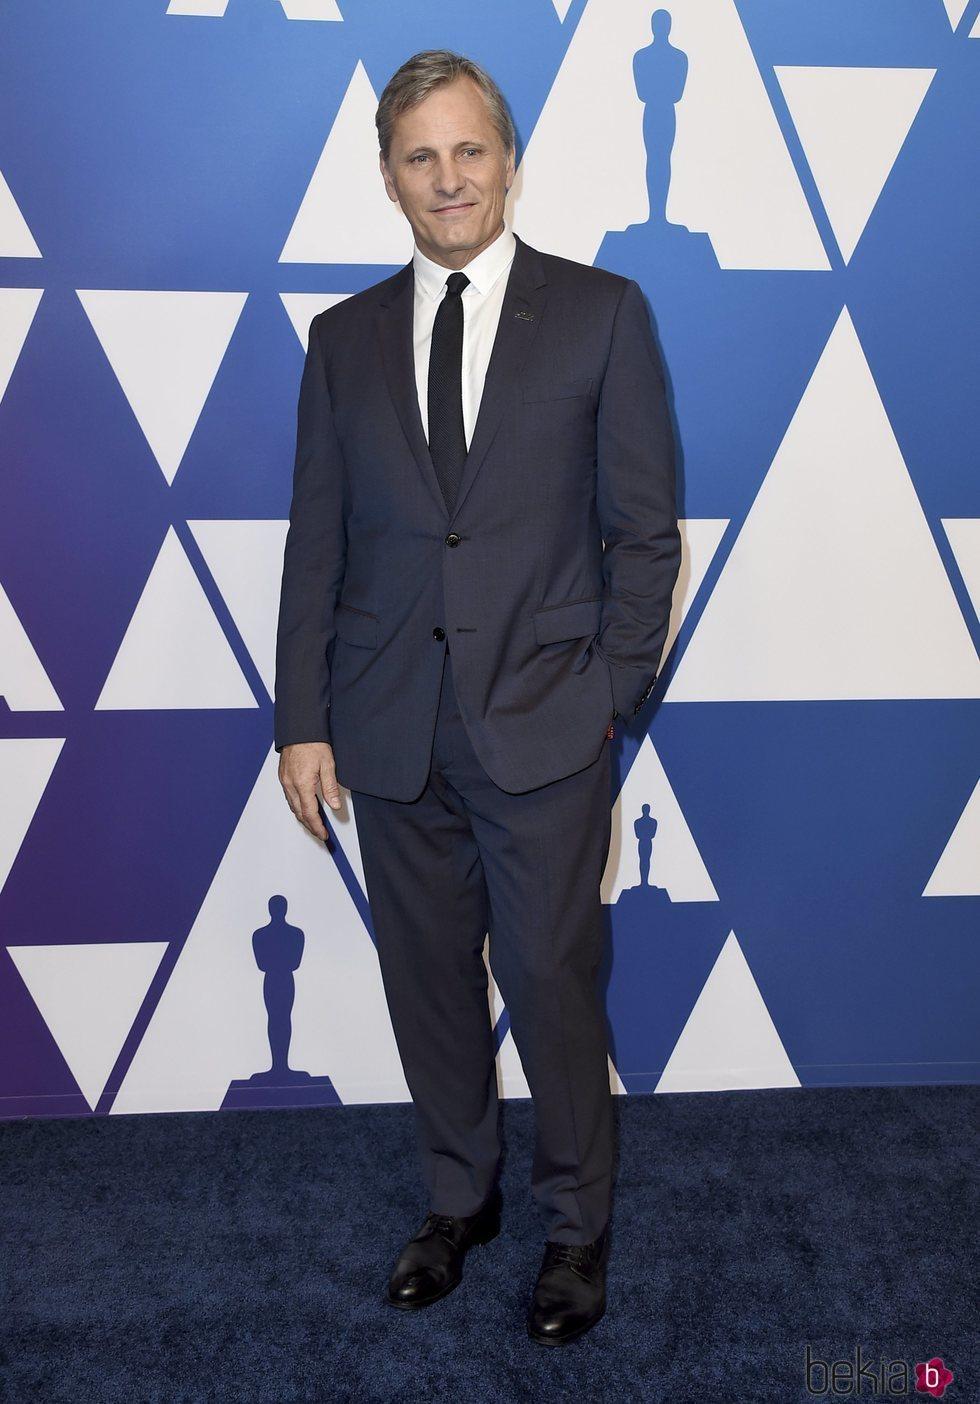 Viggo Mortensen en el almuerzo de nominados de los Premios Oscar 2019